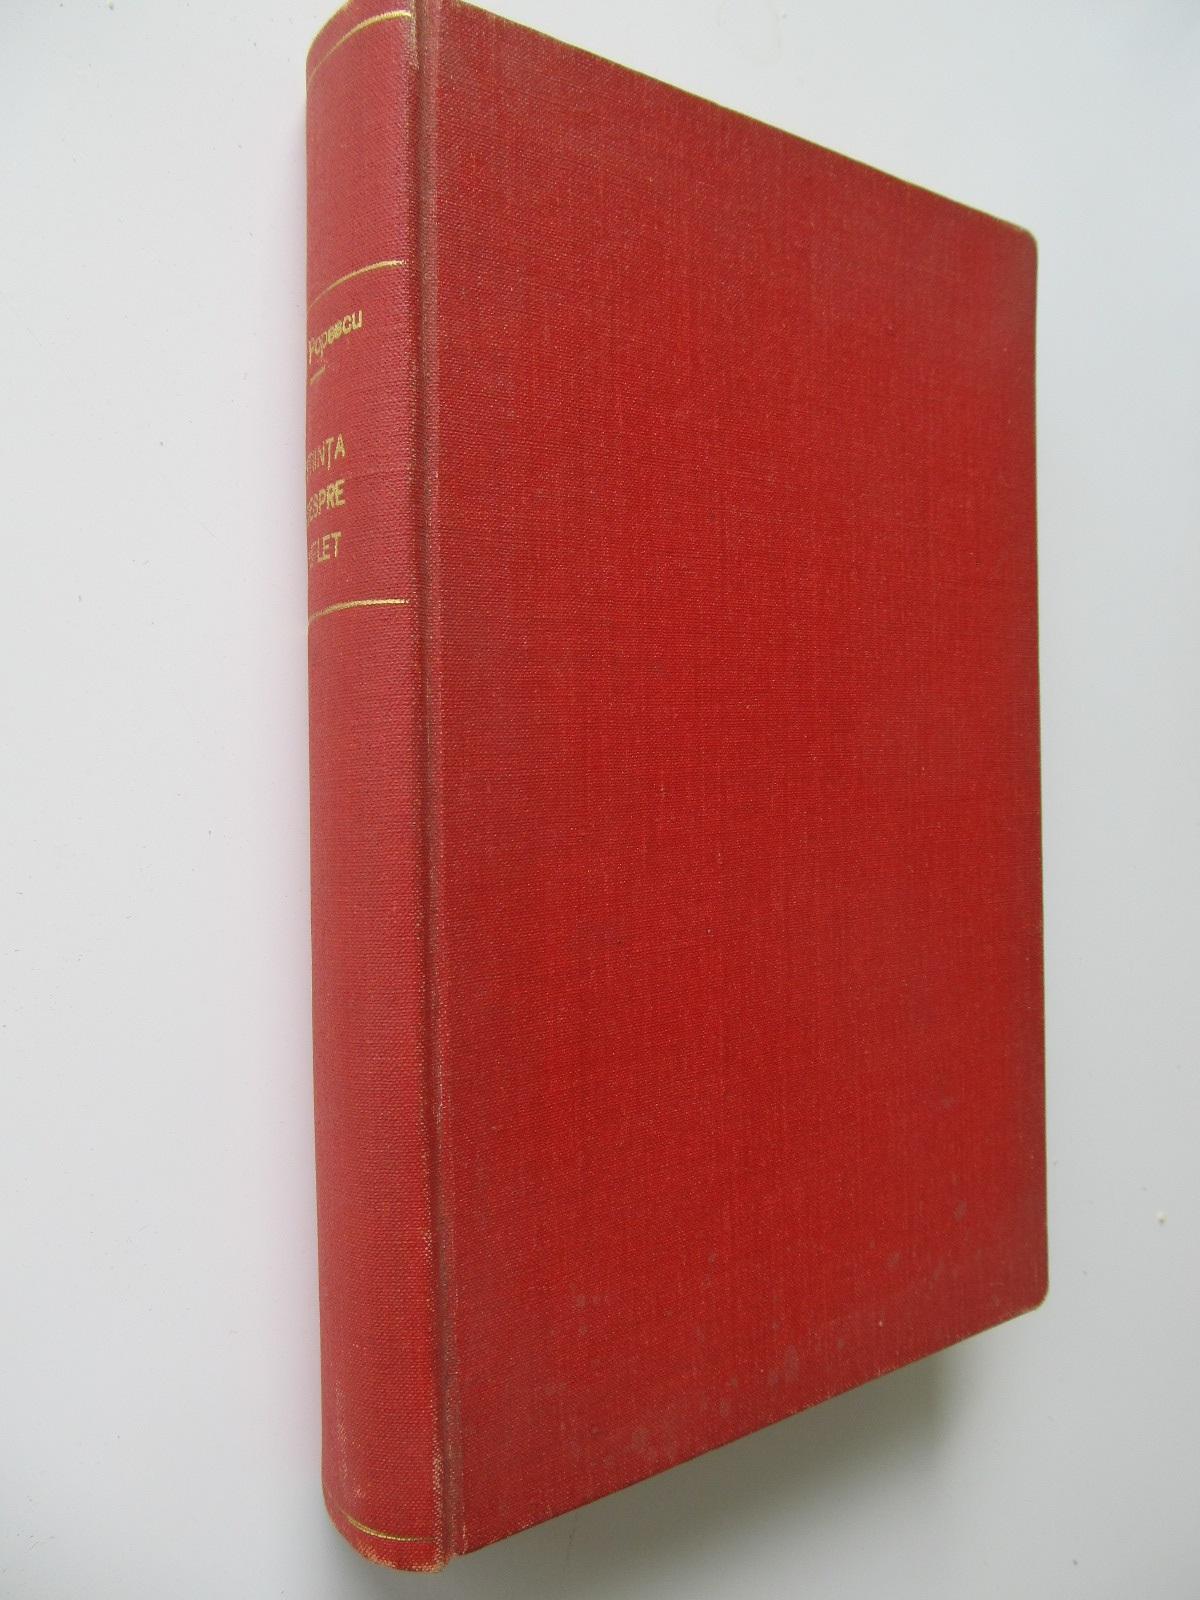 Sciinta despre suflet -I. Popescu - Ipoteze si precizari in stiinta sufletului - Ralea , 1926 (colegate) - i. Popescu , Mihai D. Ralea | Detalii carte